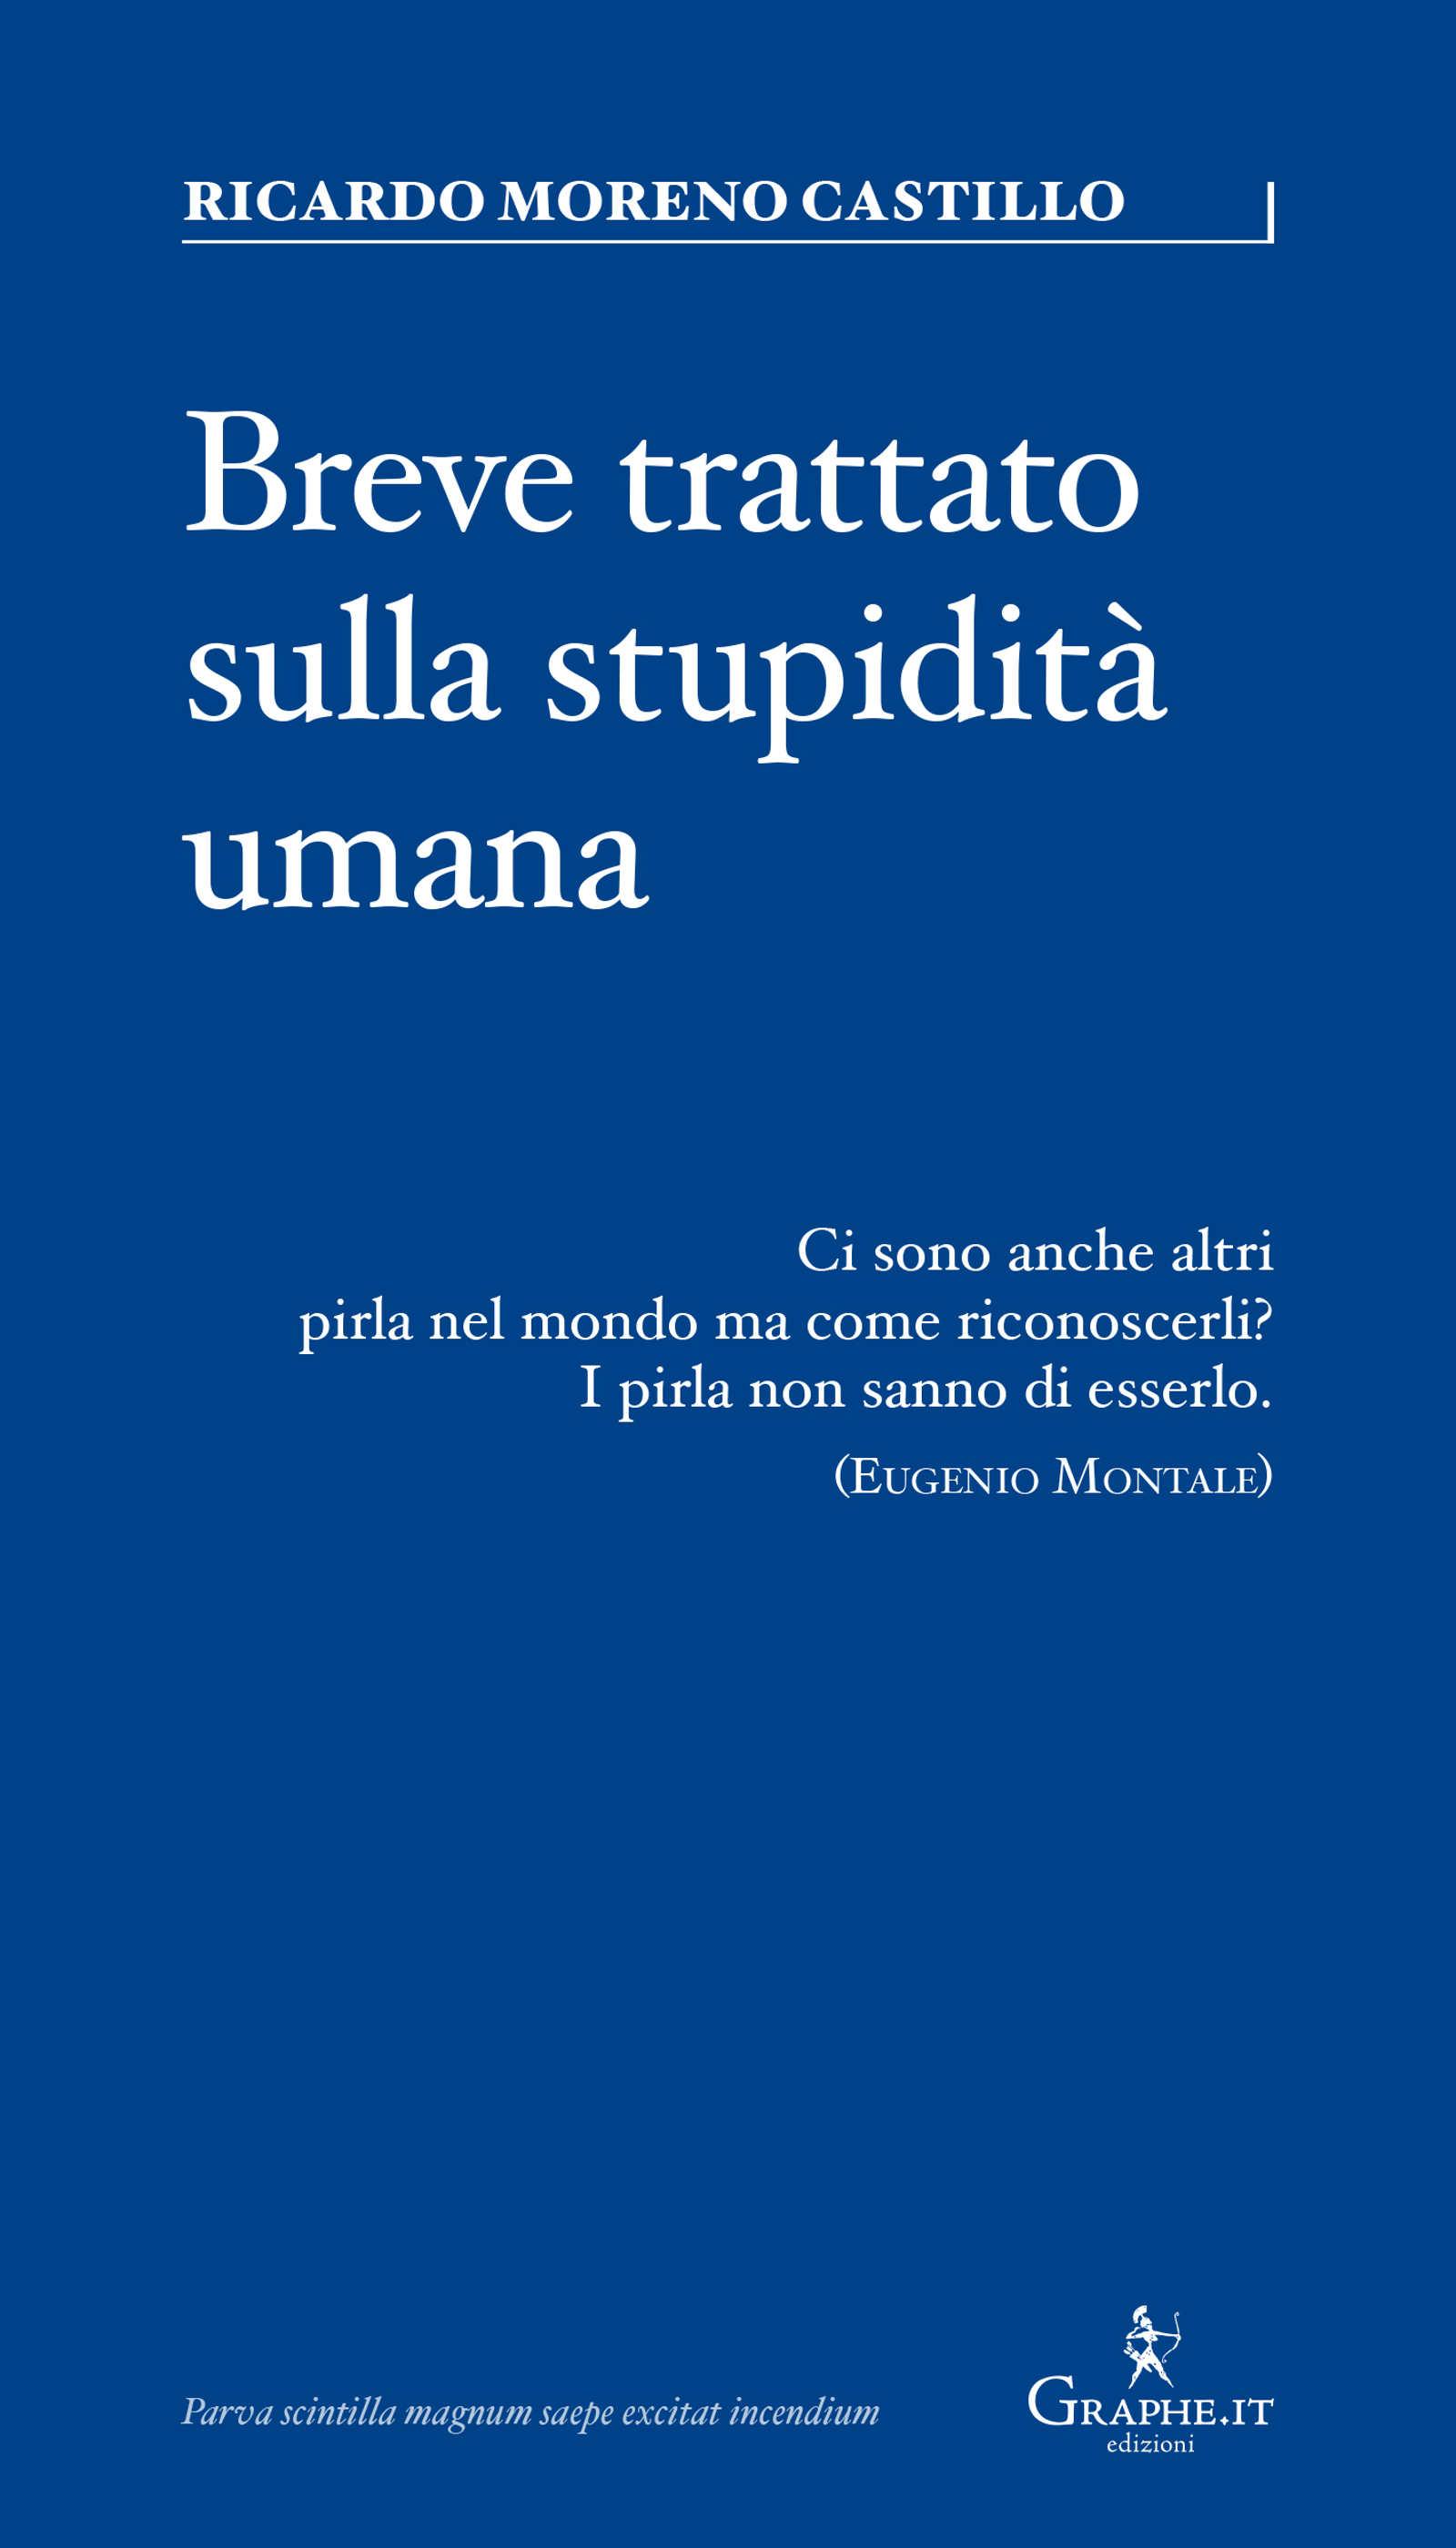 Breve trattato sulla stupidità umana (2021) di Ricardo Moreno Castillo – Recensione